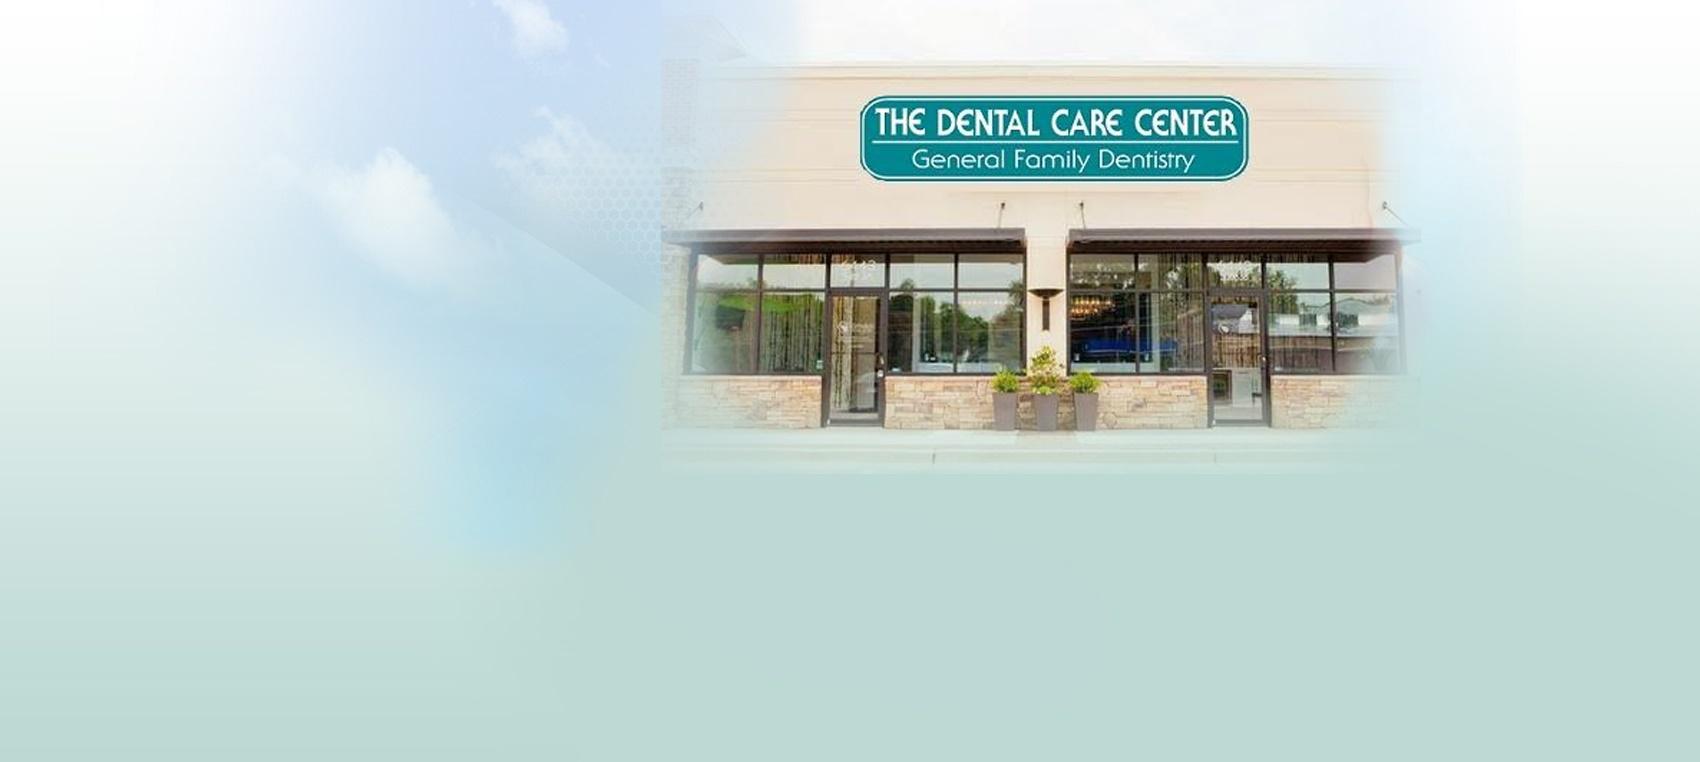 dentist office Dental Care Center